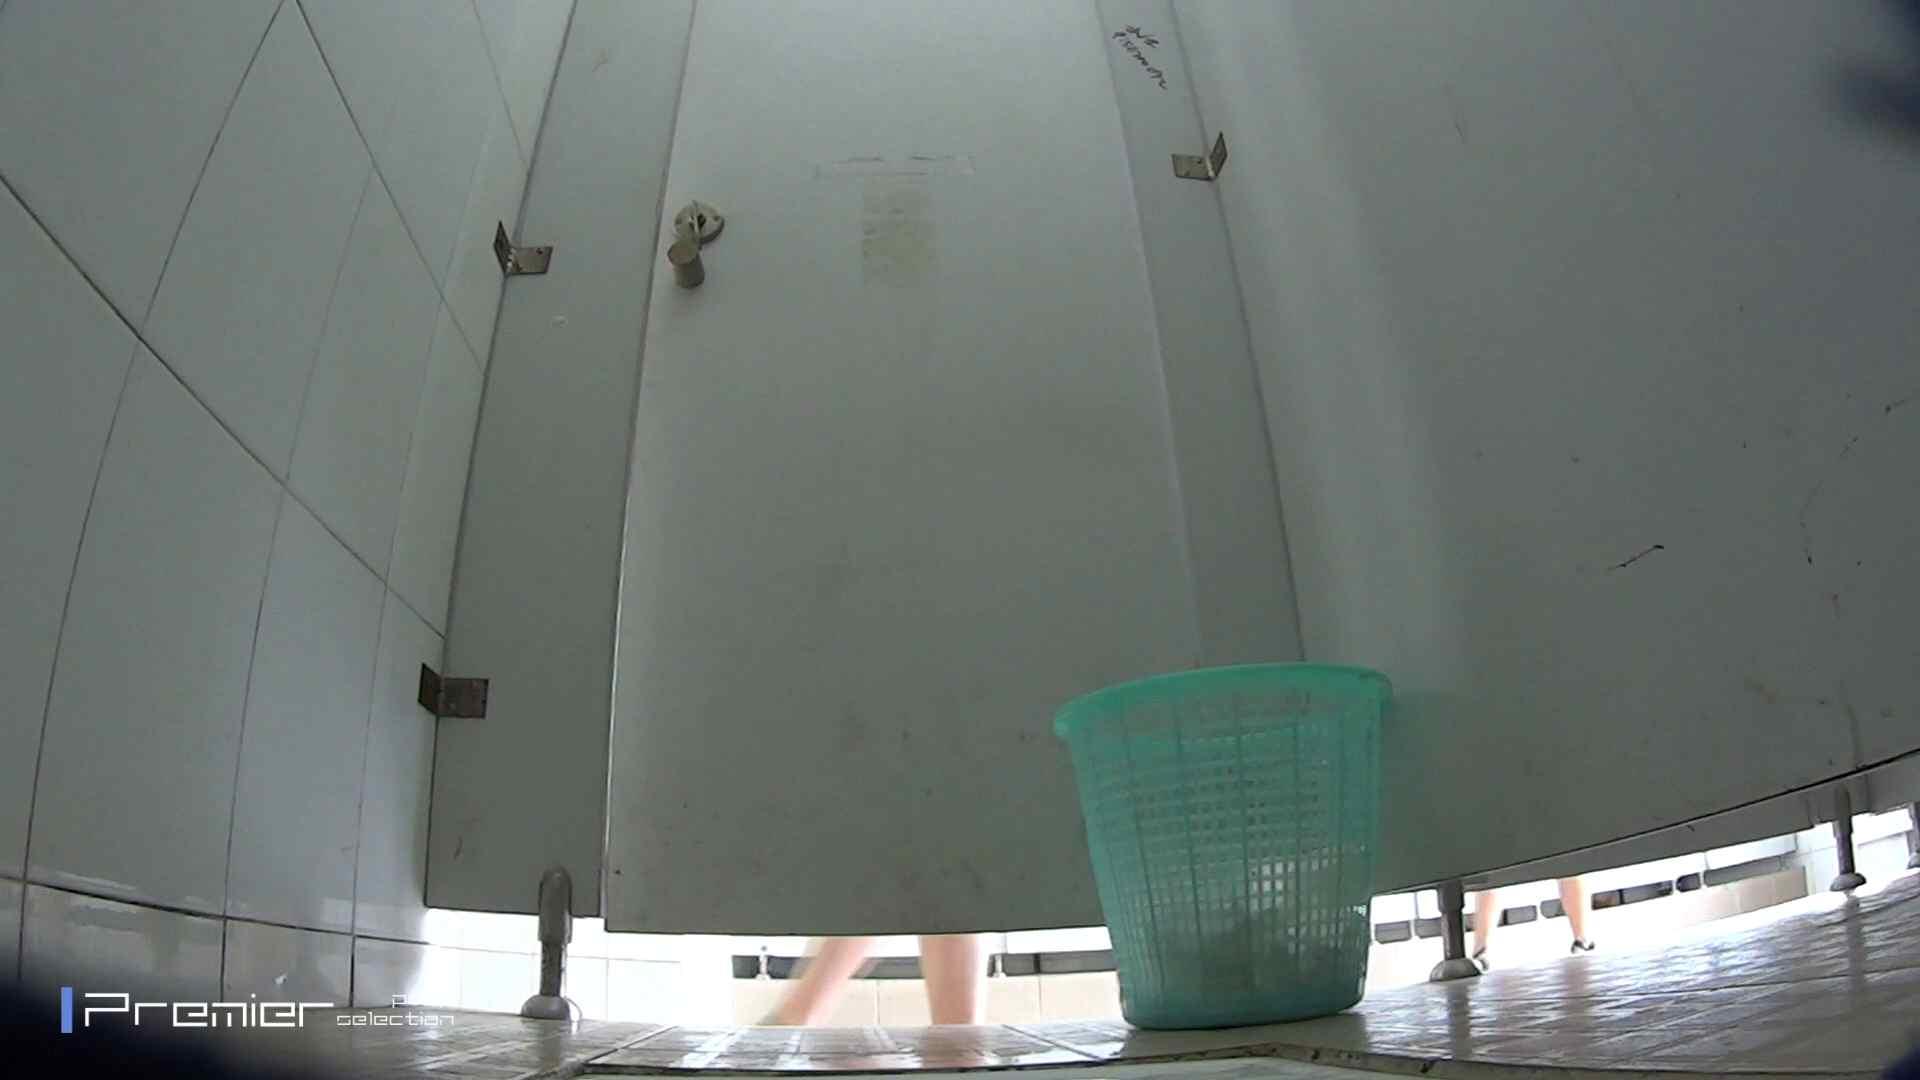 美しい女良たちのトイレ事情 有名大学休憩時間の洗面所事情06 盗撮映像大放出  80連発 35